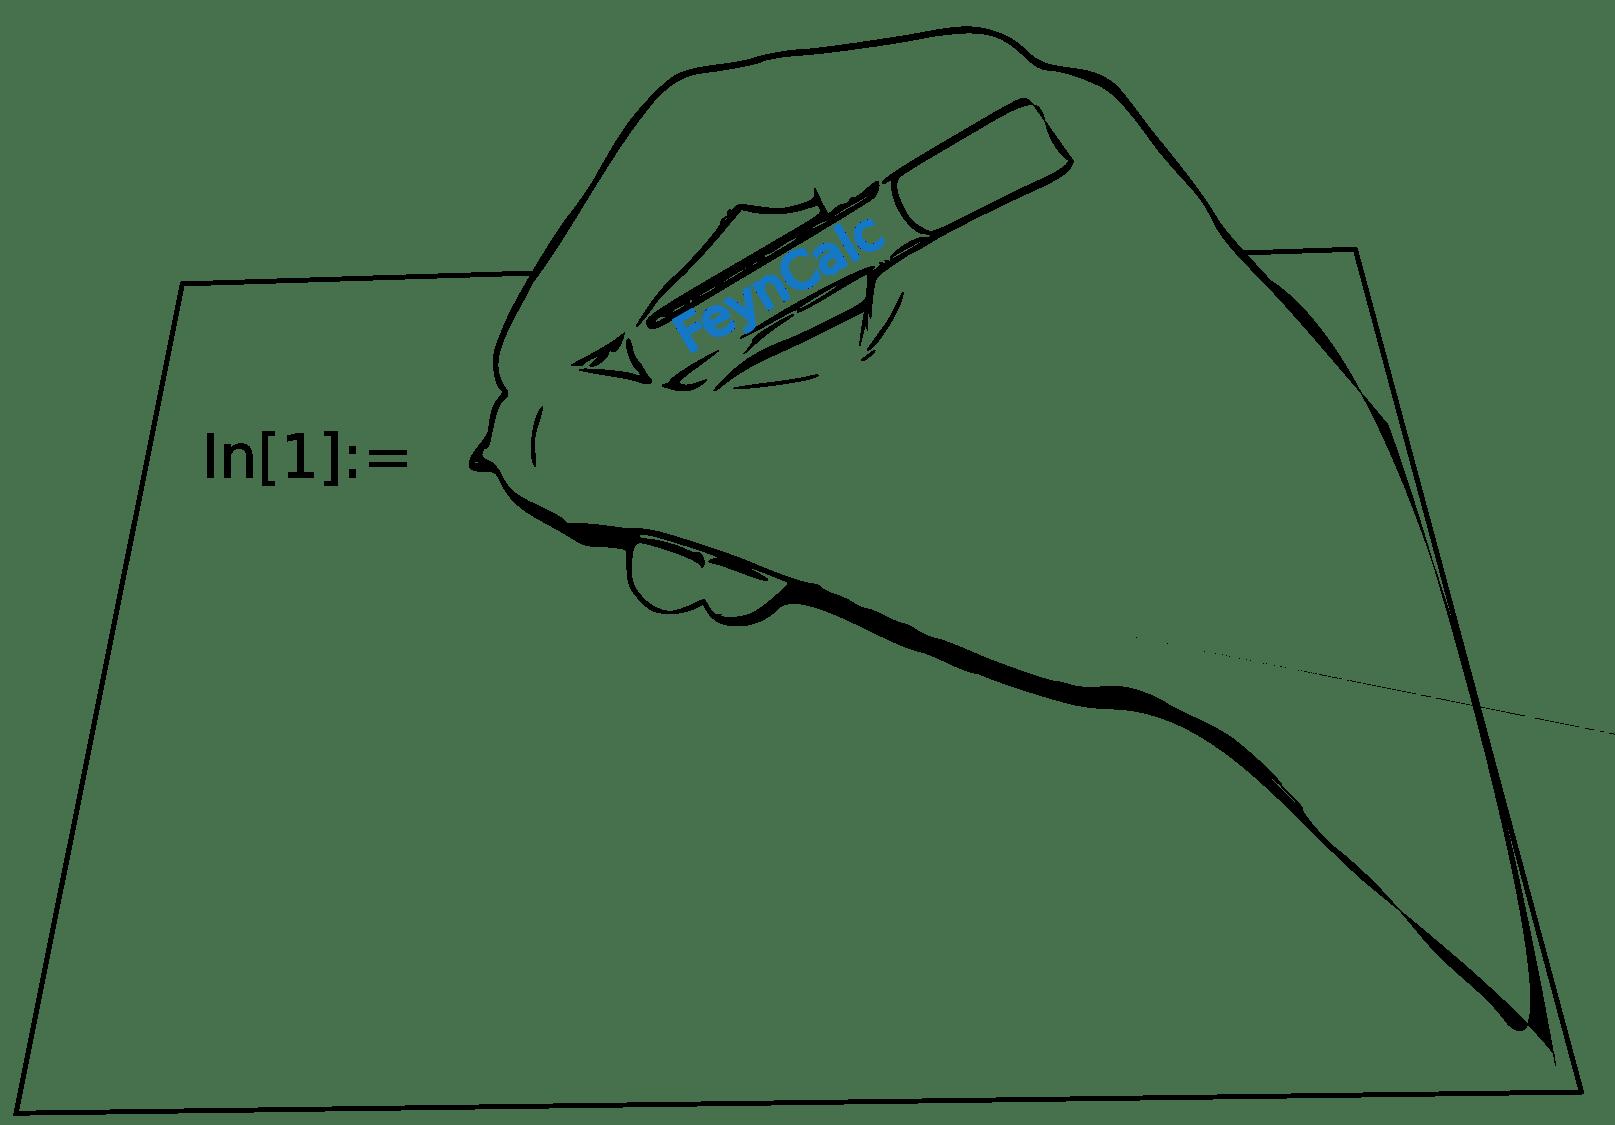 FeynCalc